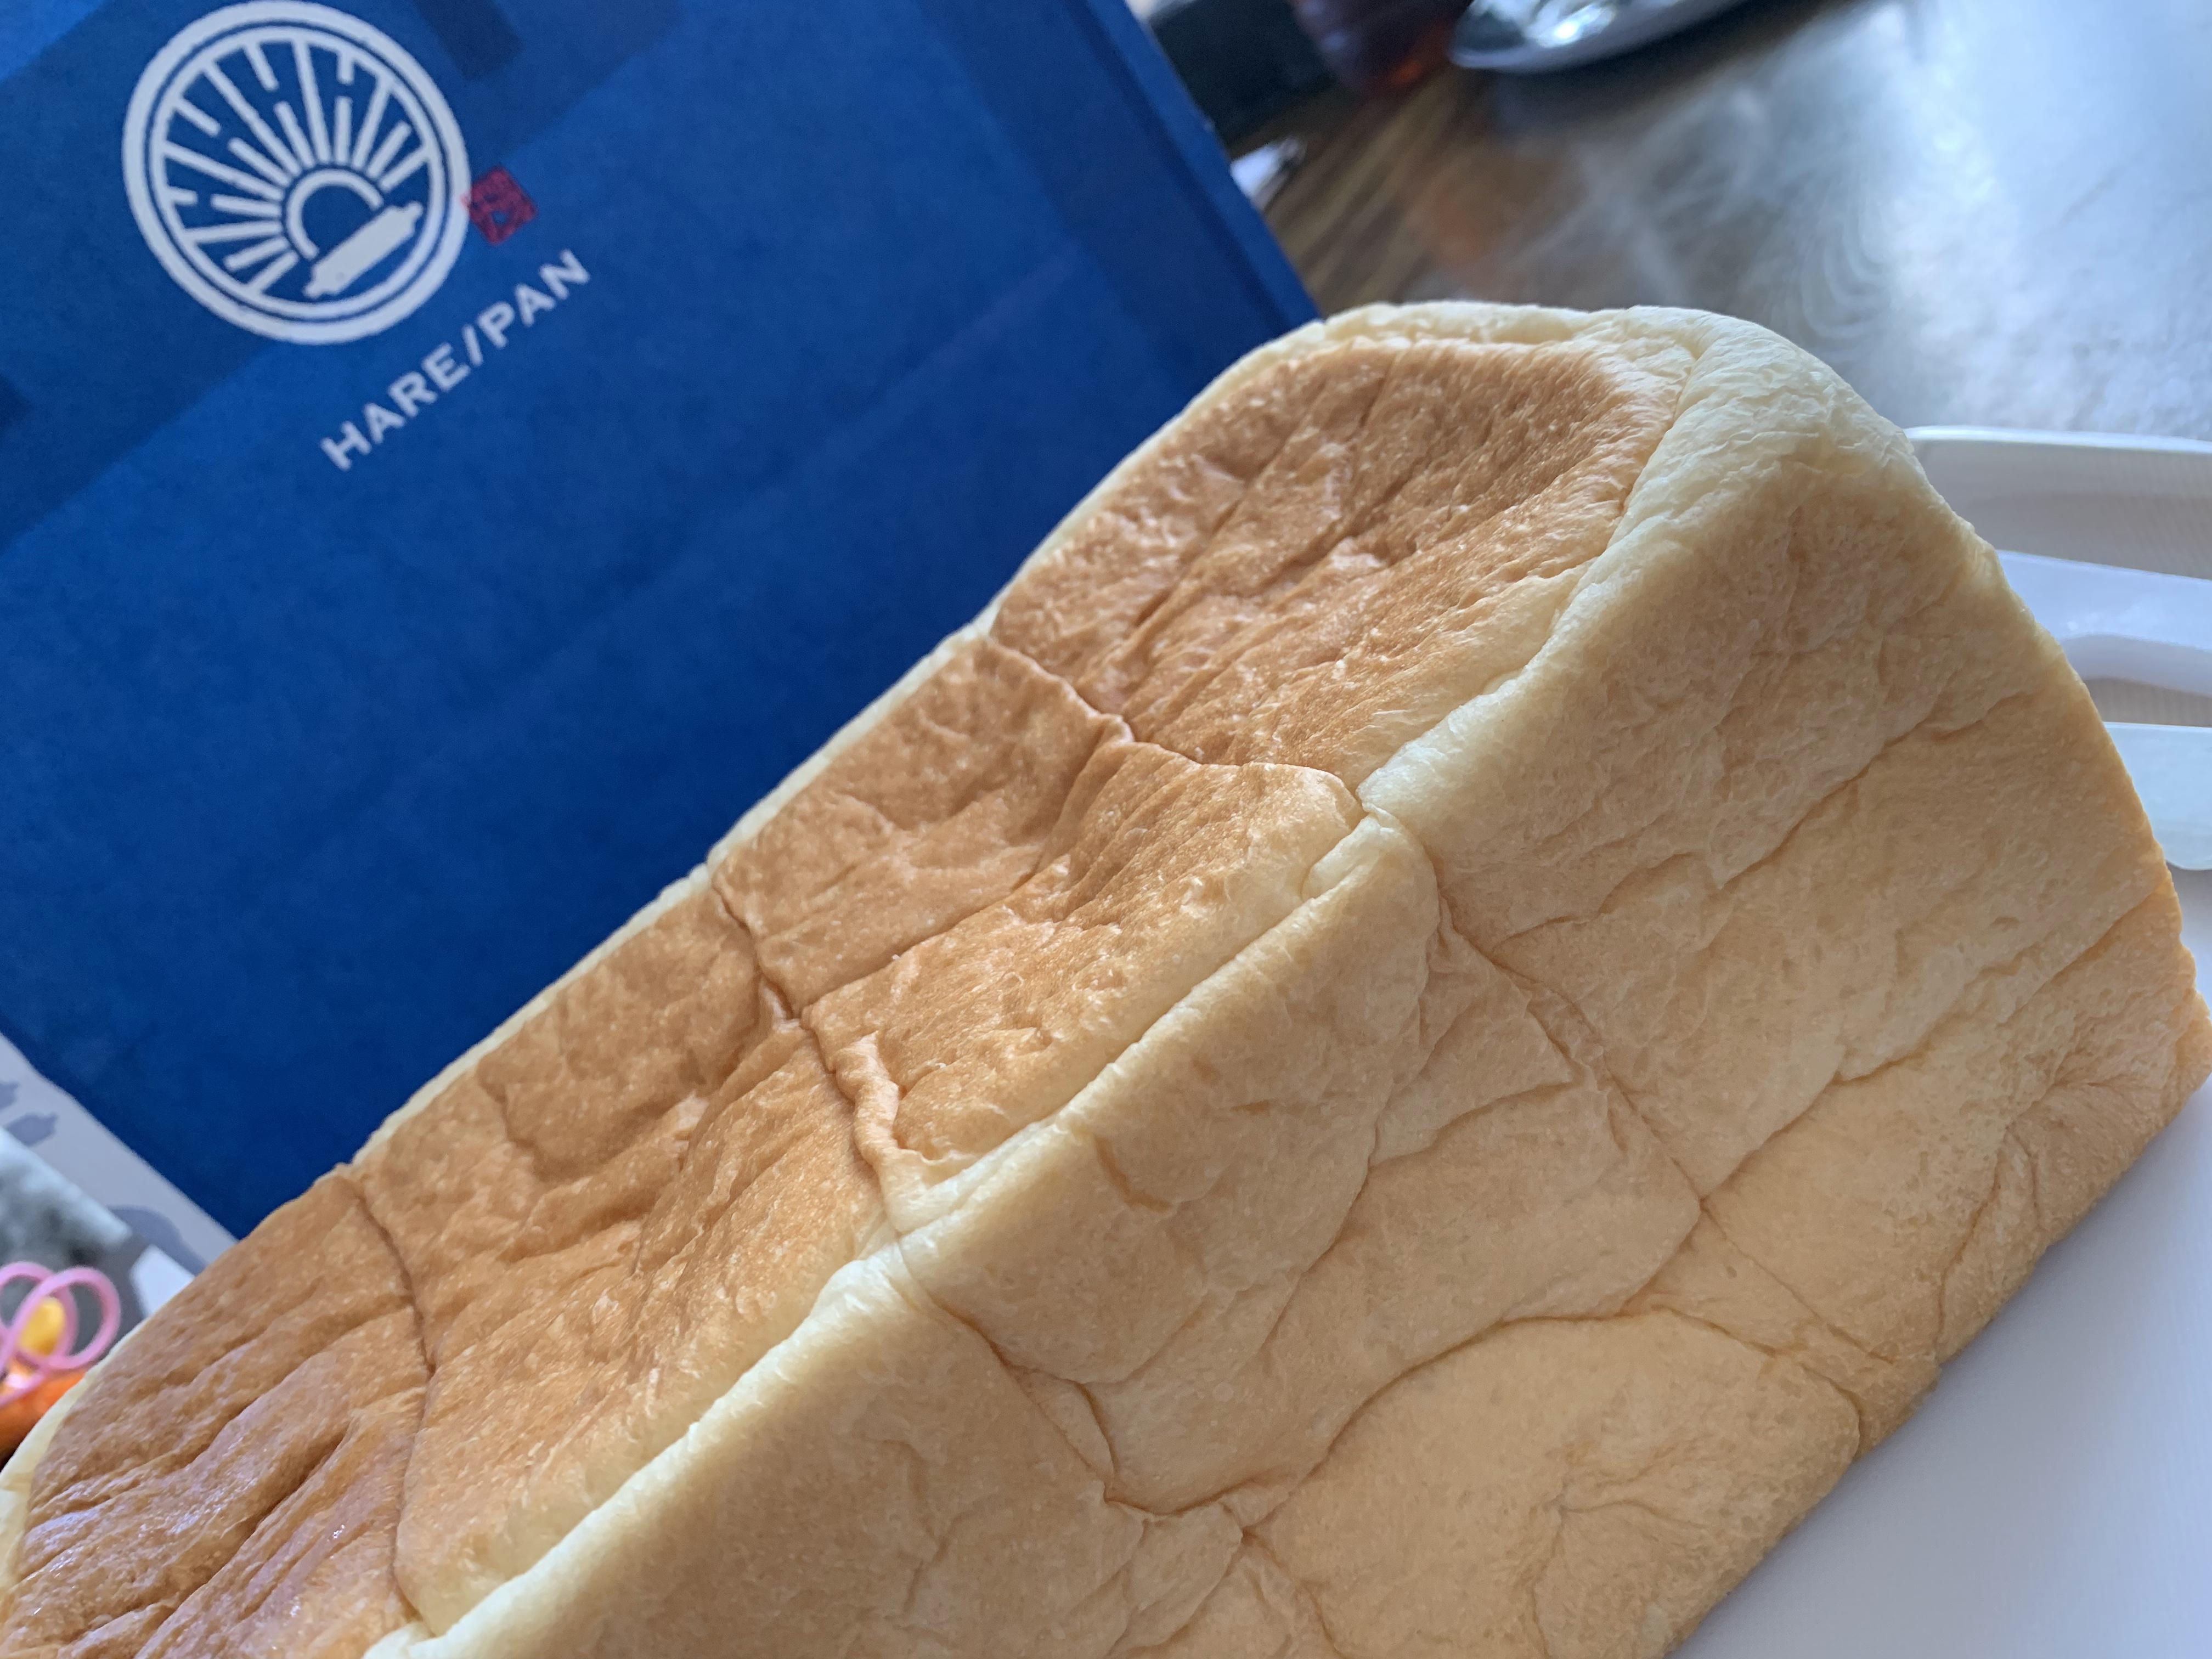 富山県婦中店:純生食パン工房 HARE/PAN<ハレパン>のオープンはいつ?味は美味しいのかレビュー感想